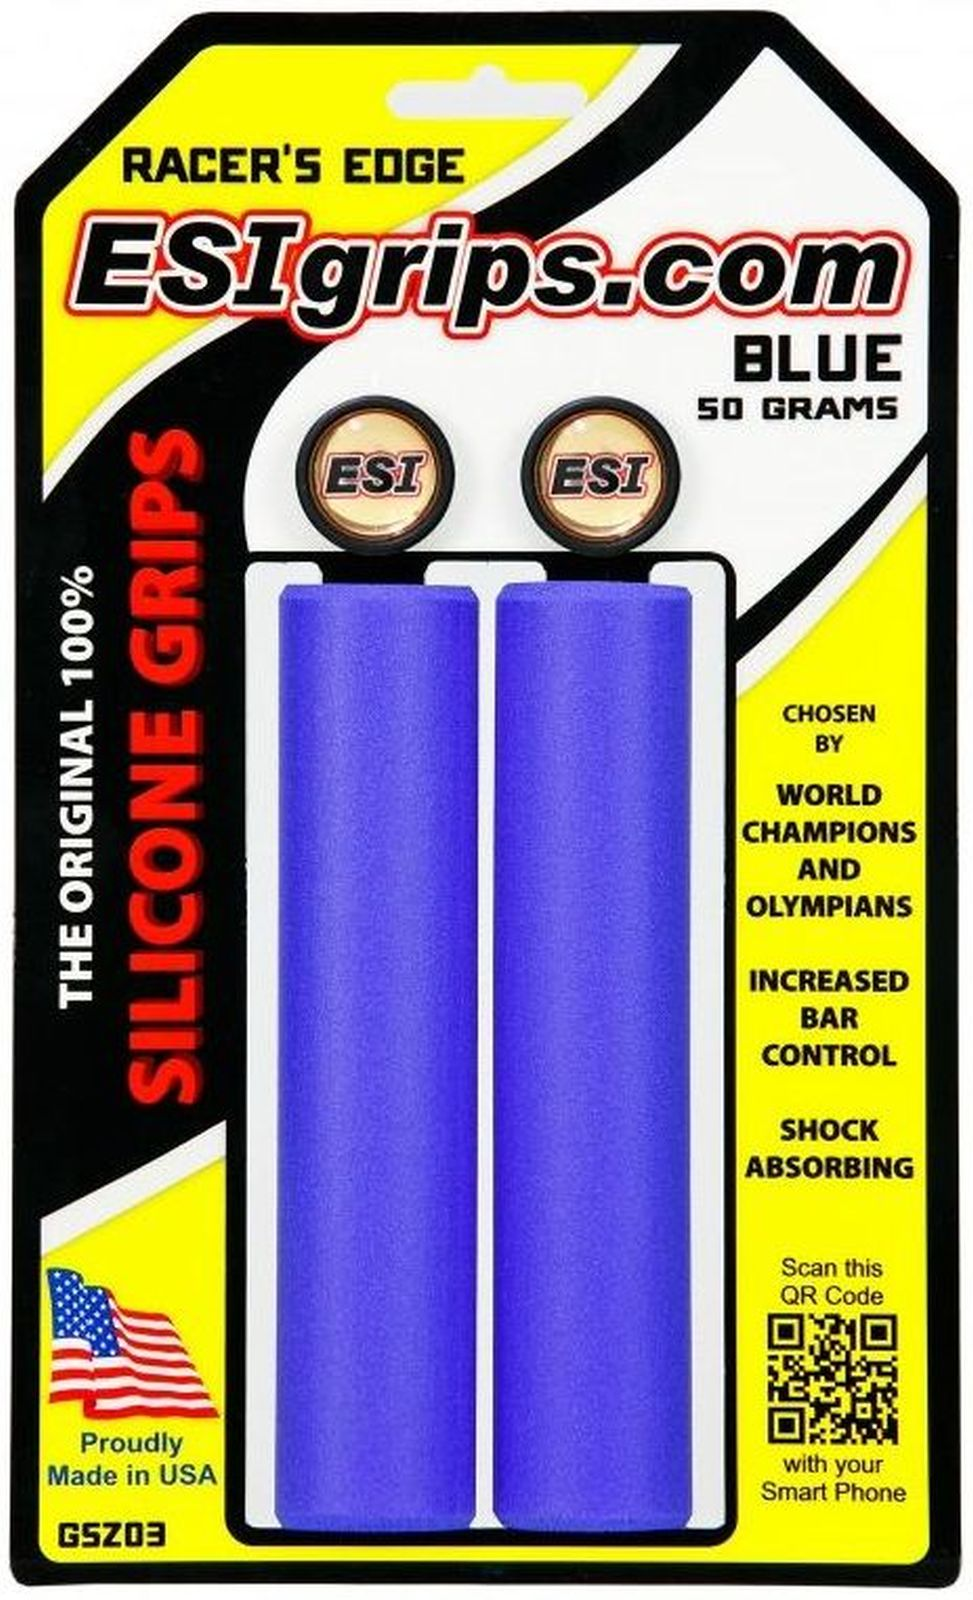 ESI Grips Racer's Edge - blue uni